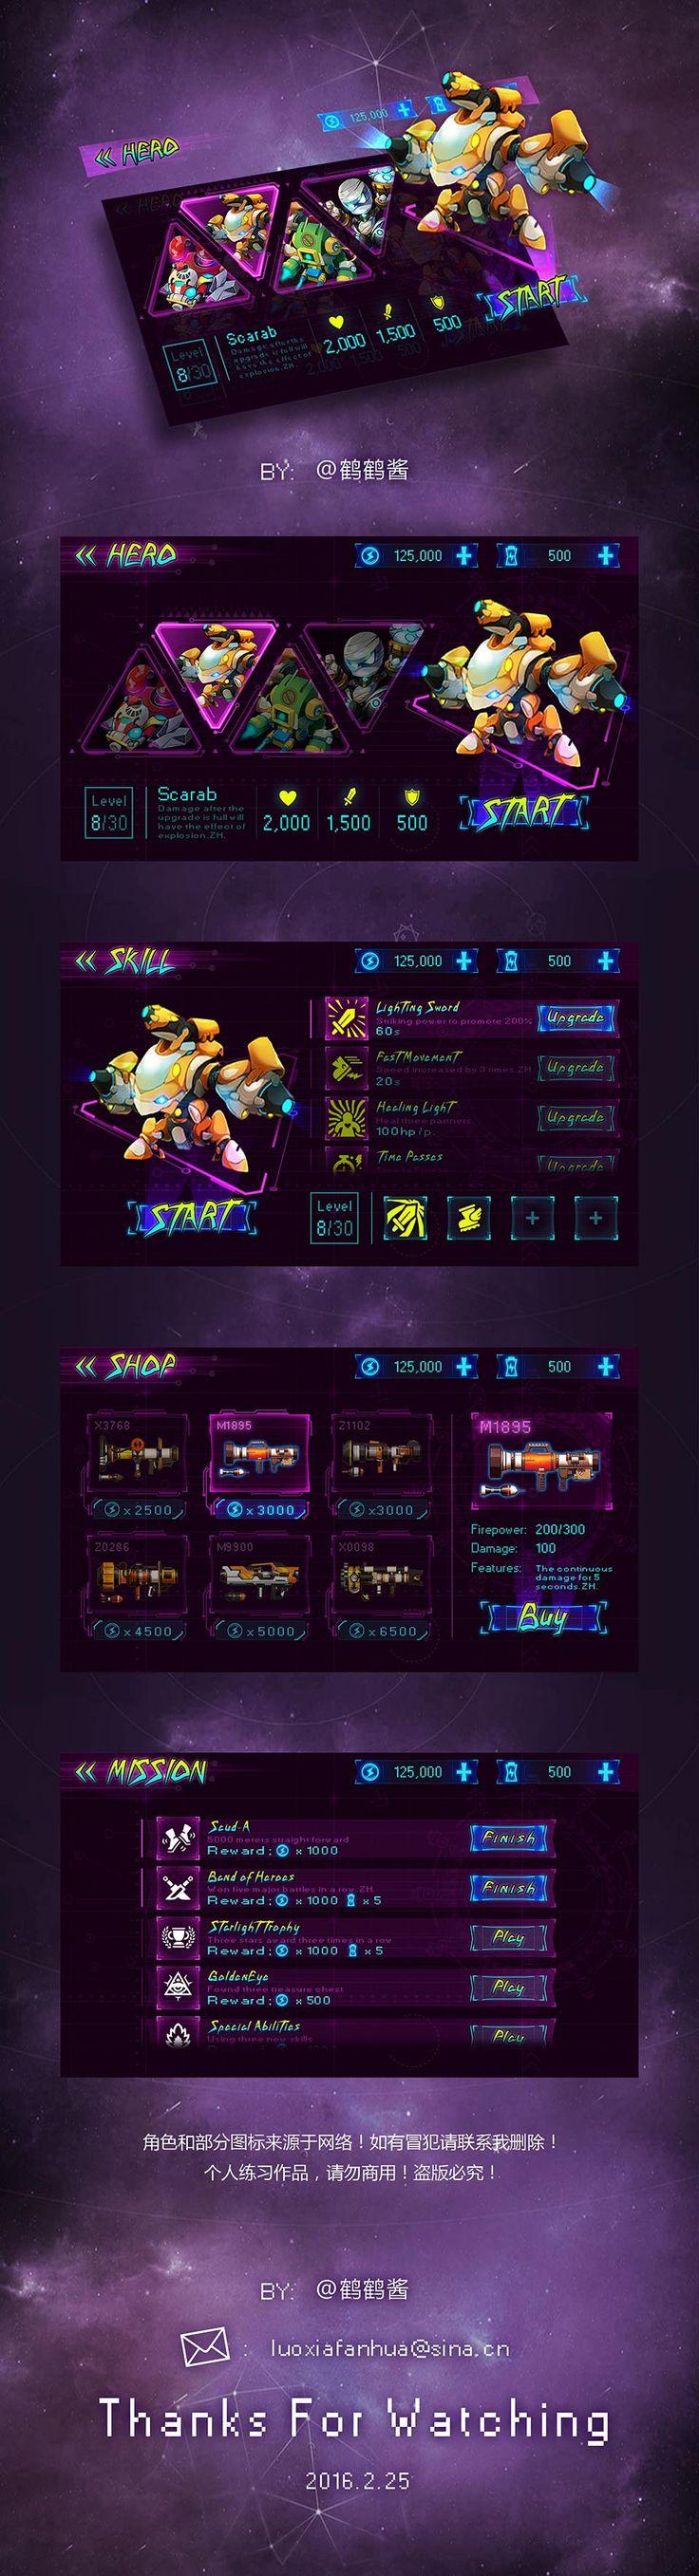 科技风格游戏UI界面设计